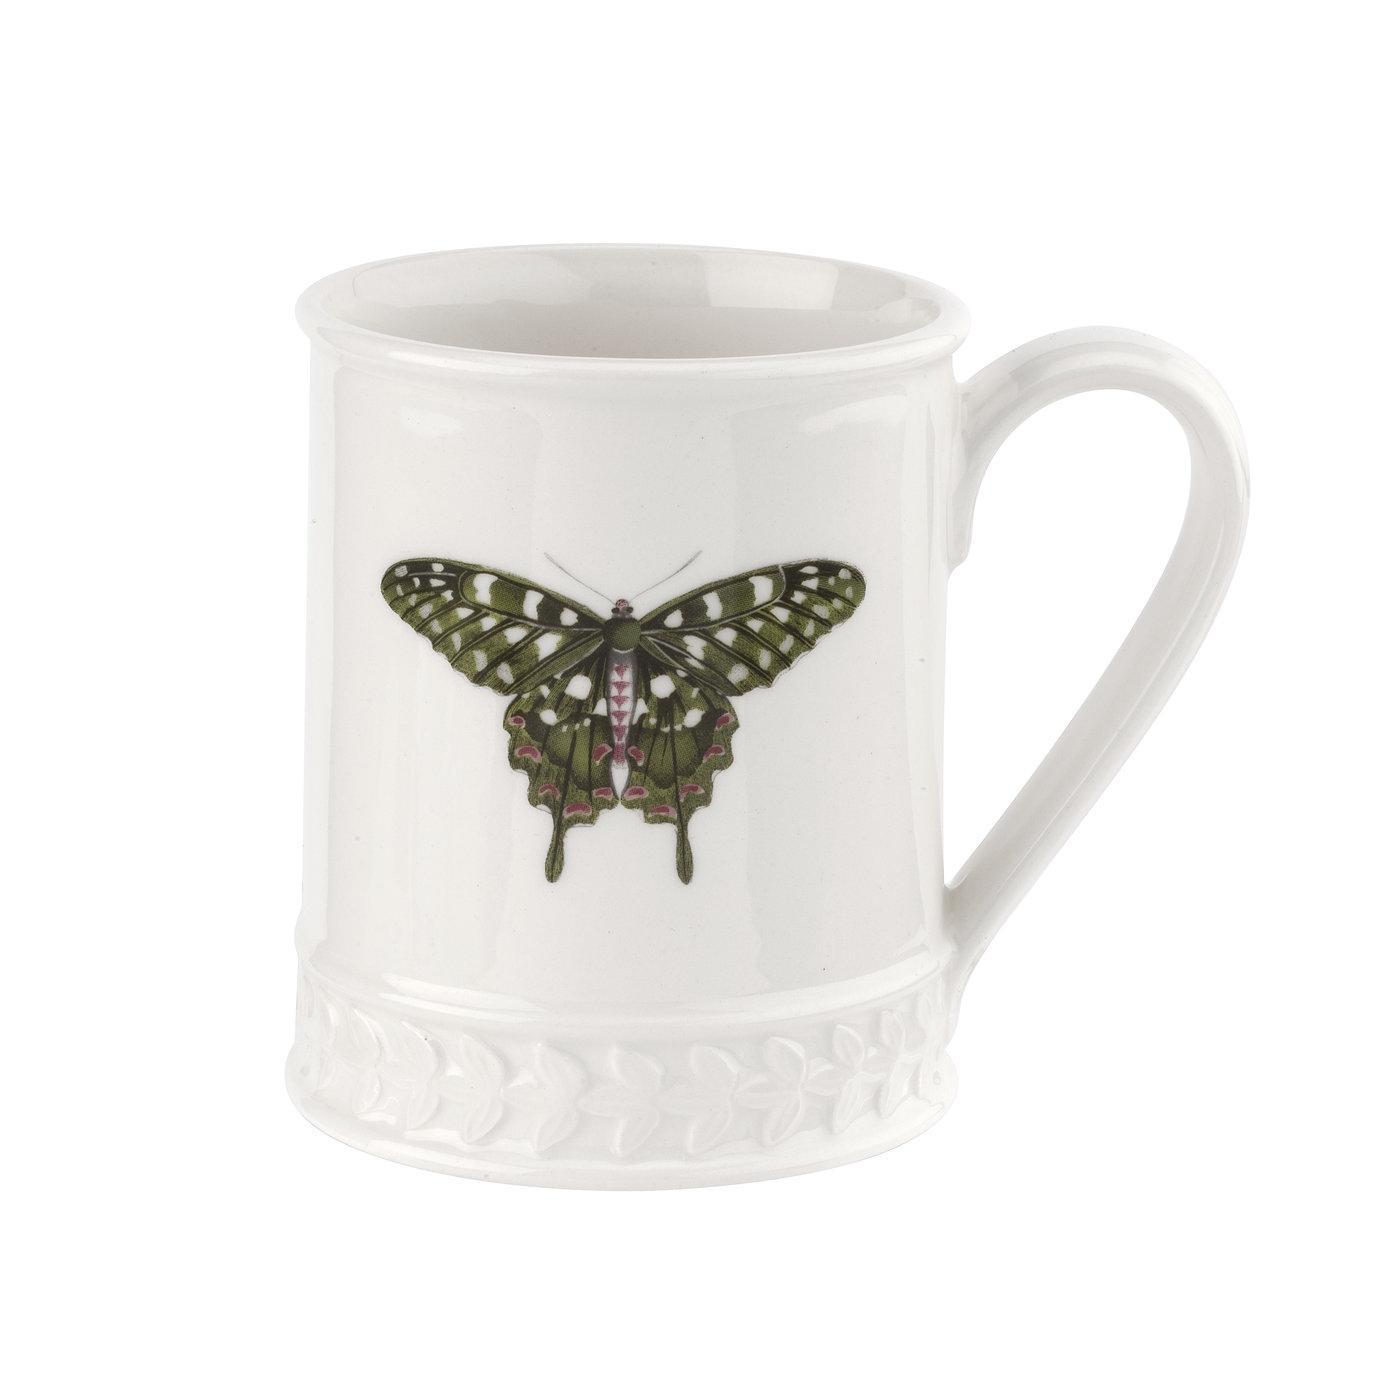 포트메리온 '보타닉 가든 하모니' 나비 머그 Portmeirion Botanic Garden Harmony Embossed 16 oz Tankard-Forest Green Butterfly